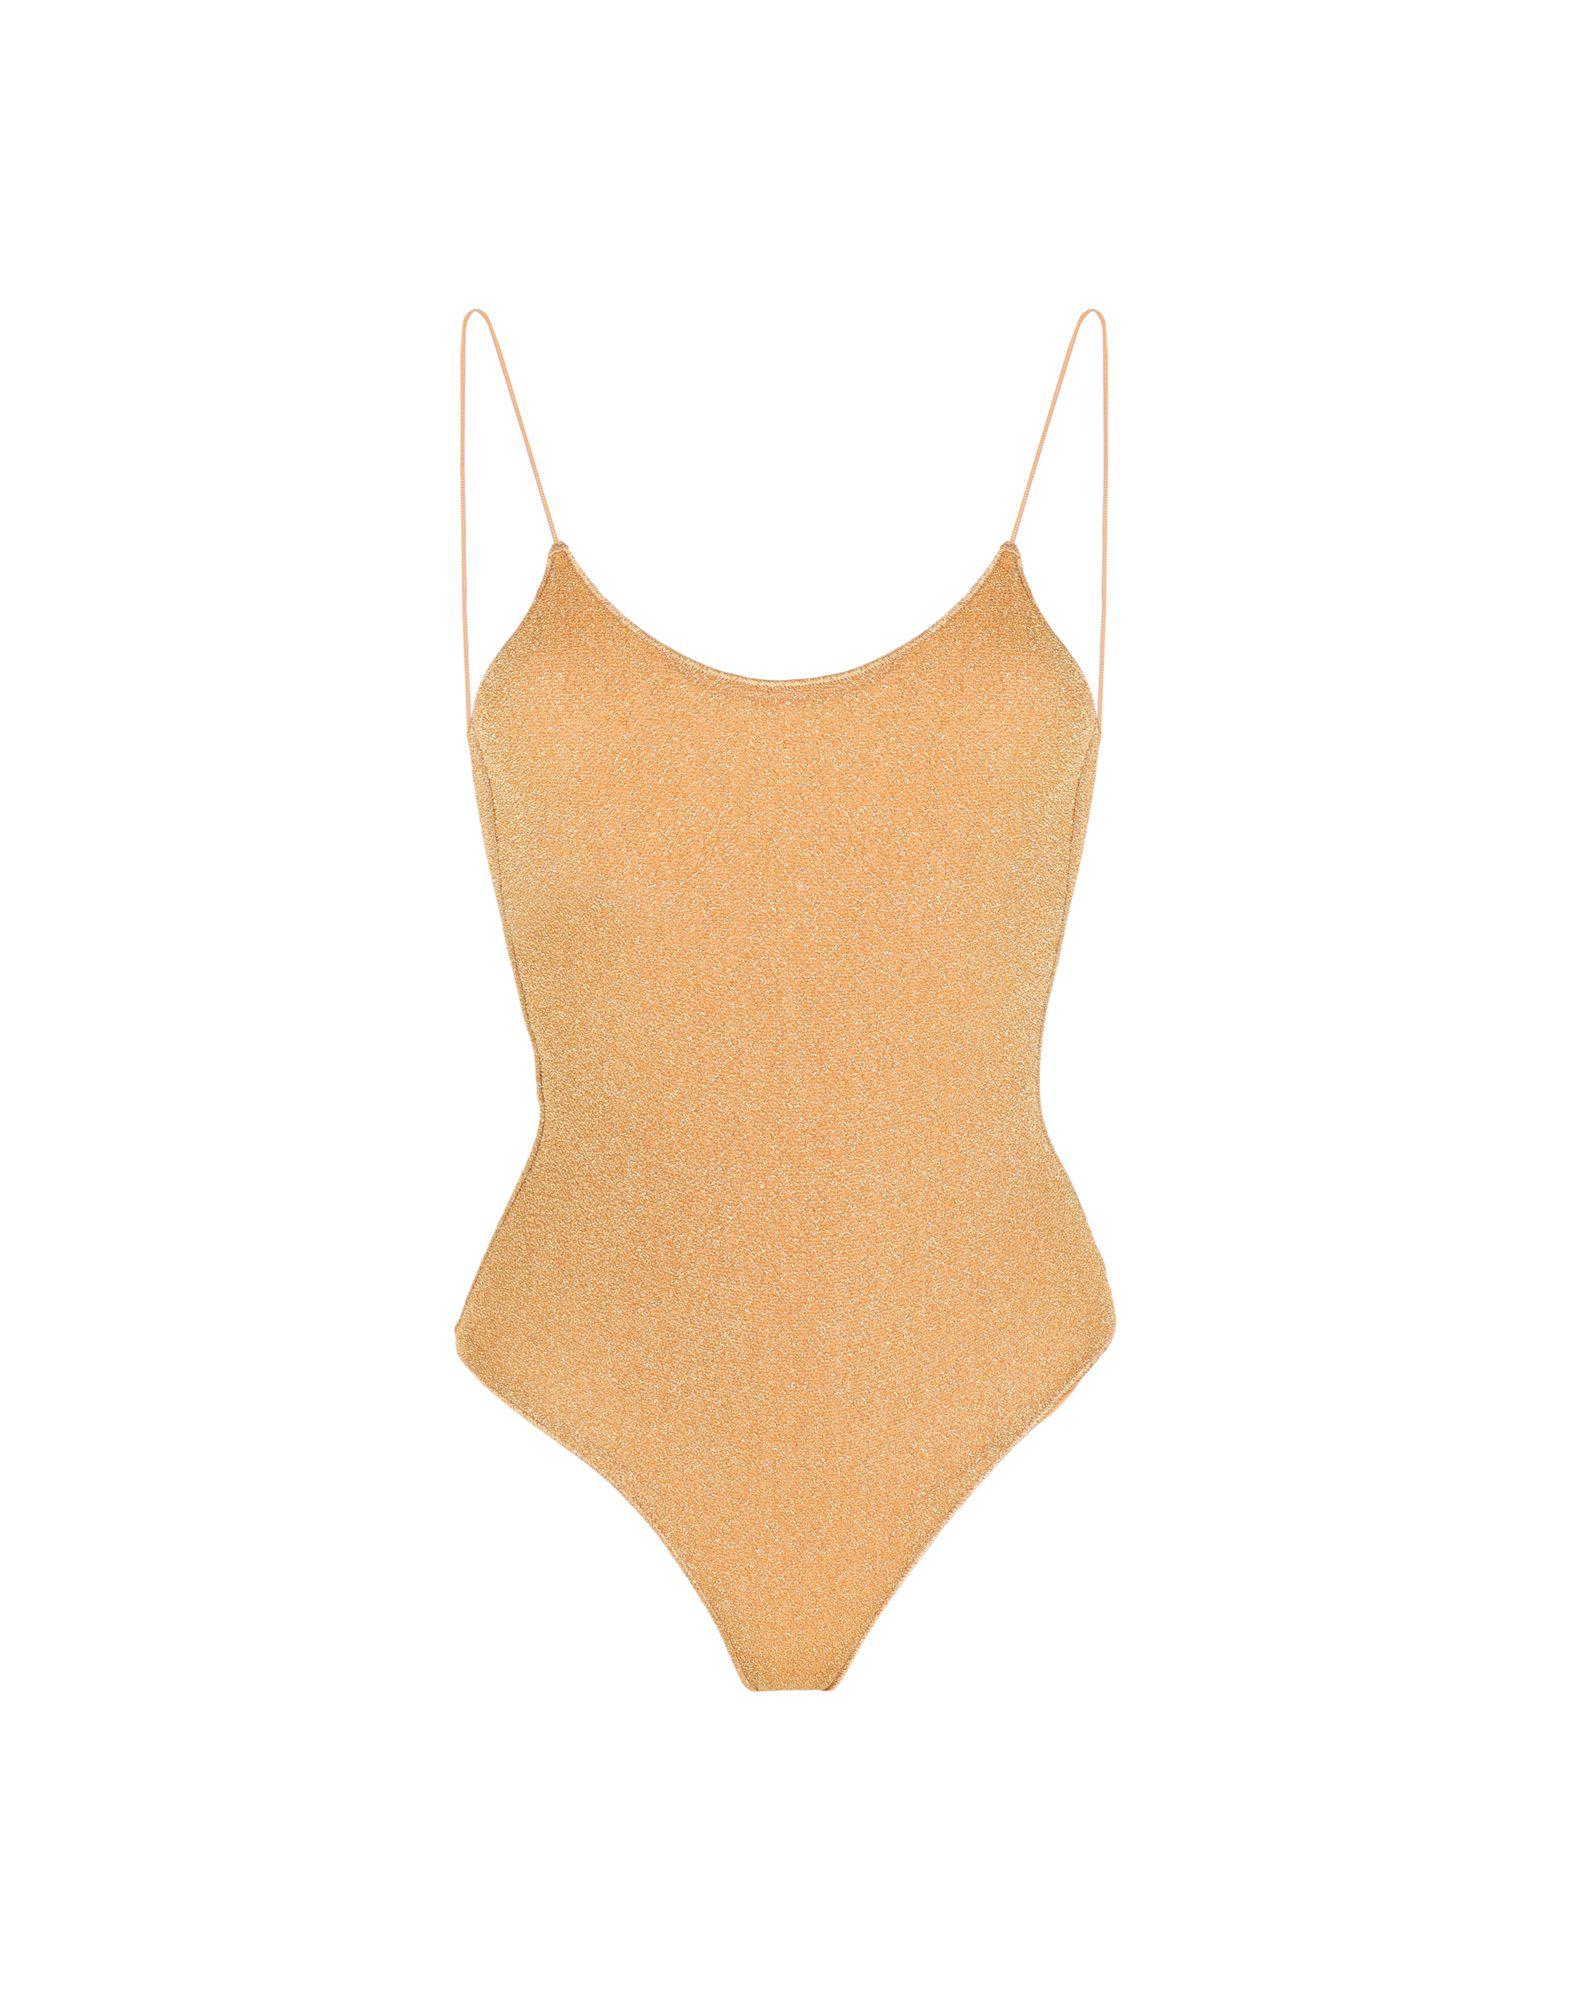 OSÉREE Слитный купальник купальник слитный try tremiti scoop neck controlfit цвет серебристый taqtm7a 88 размер 14 48